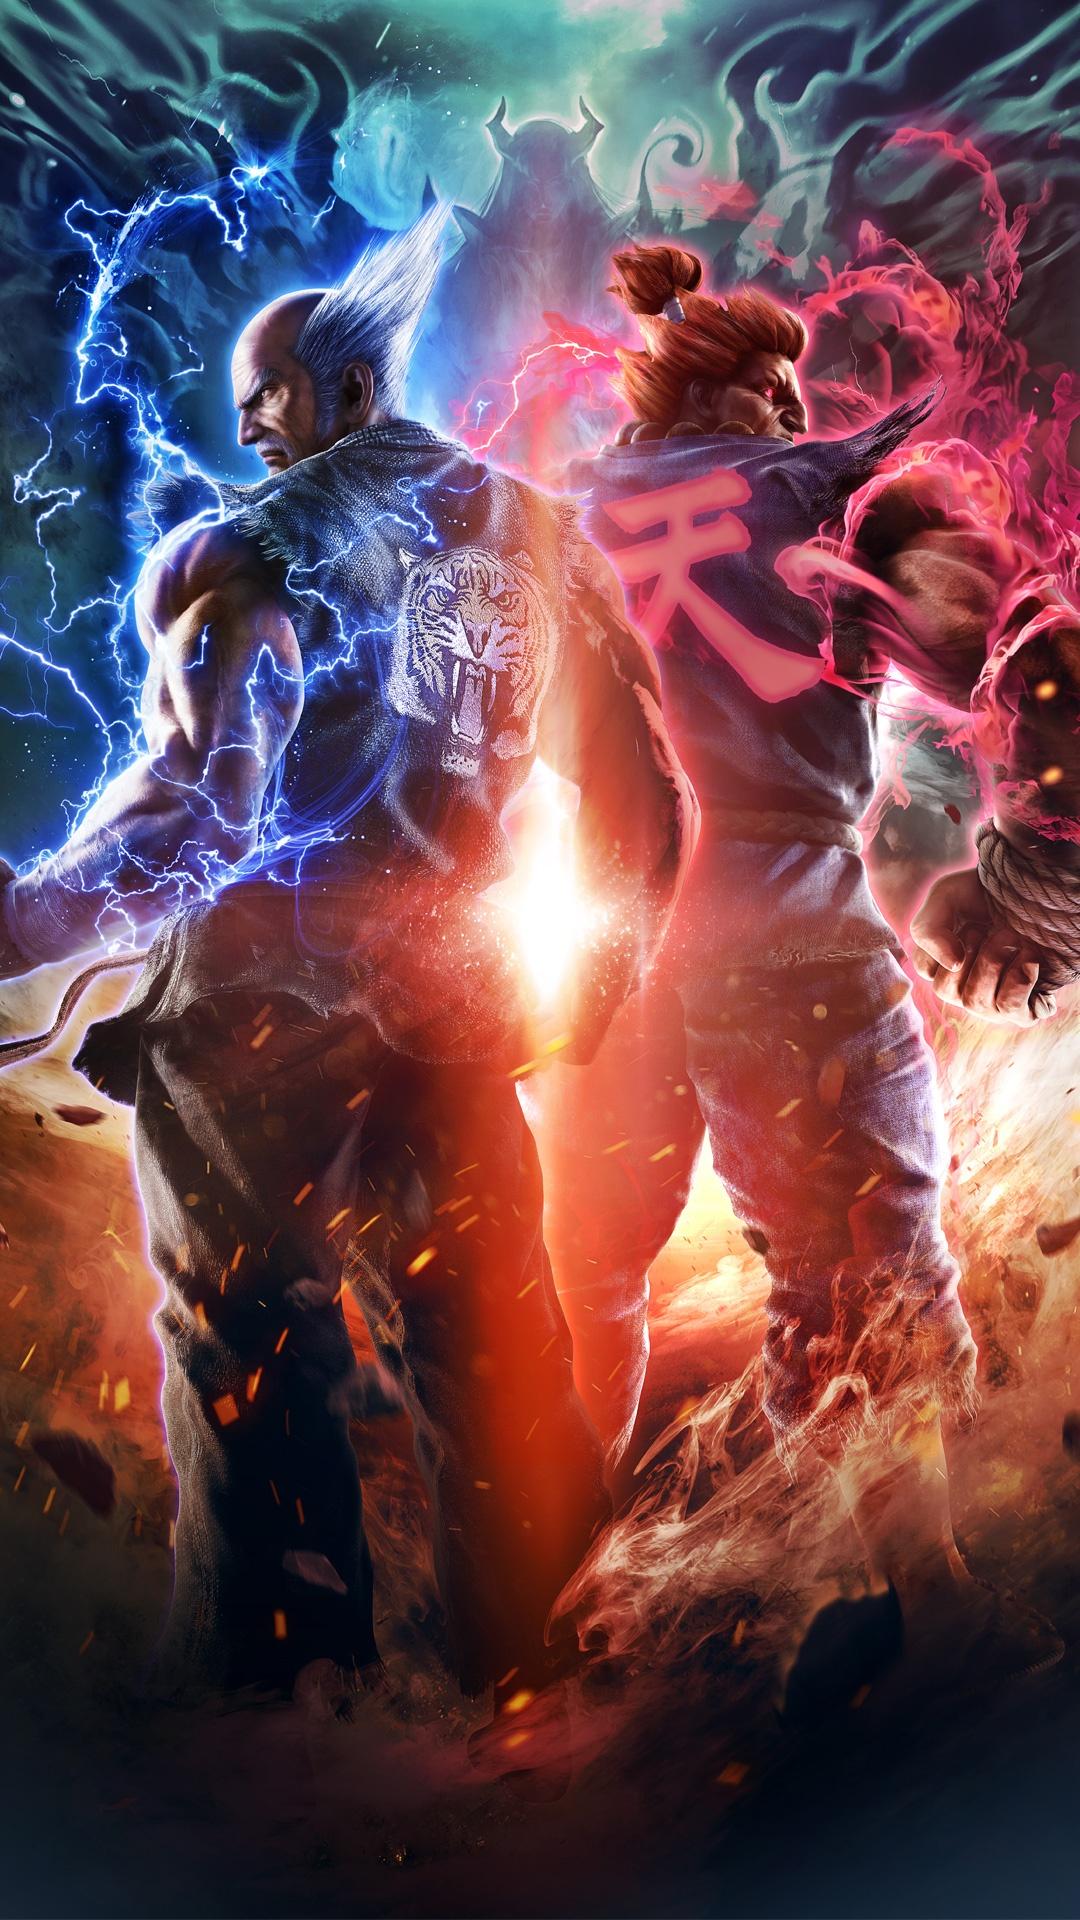 <b>Tekken 7 Wallpapers Wallpaper</b>, Picture &- Images